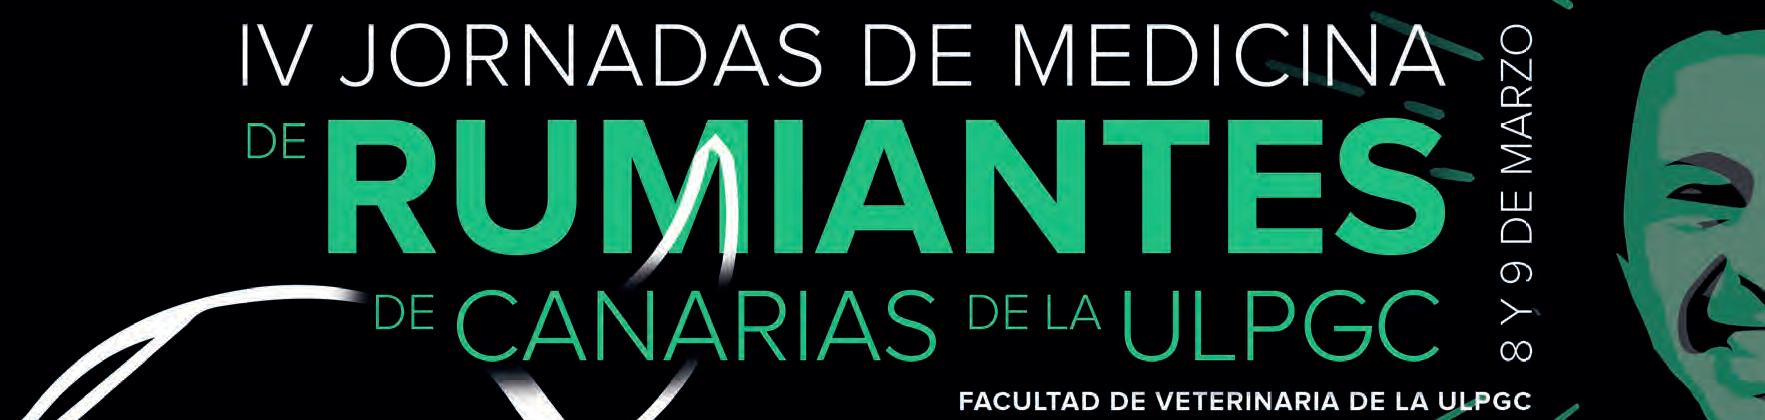 8-9 Mar IV Jornadas de Medicina de Rumiantes de Canarias de la ULPGC